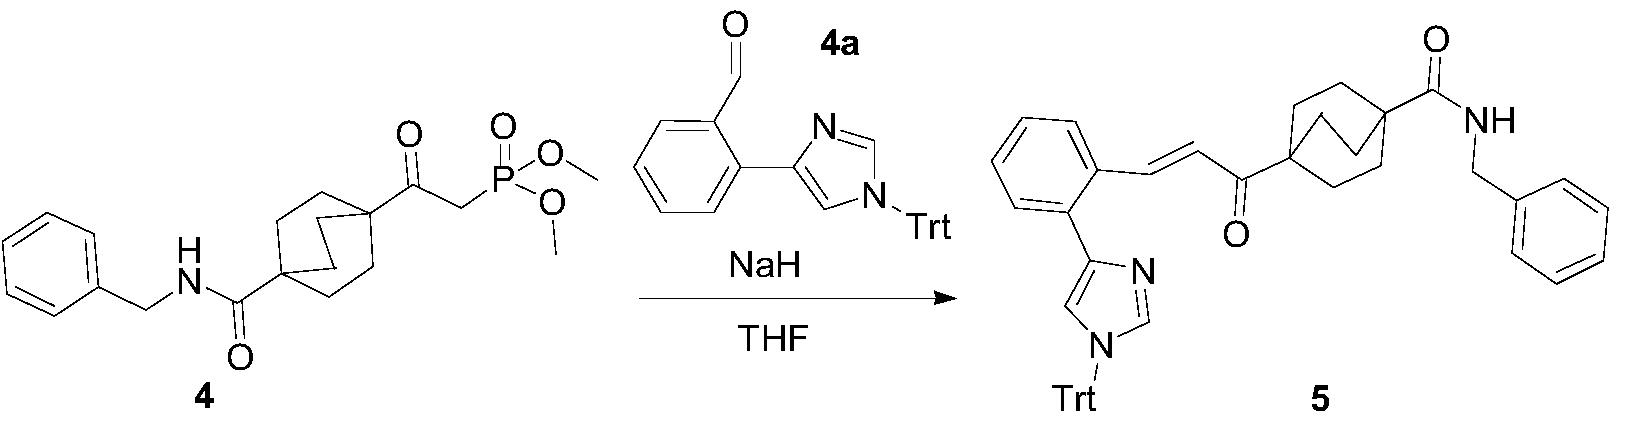 Figure PCTCN2017084604-appb-000276